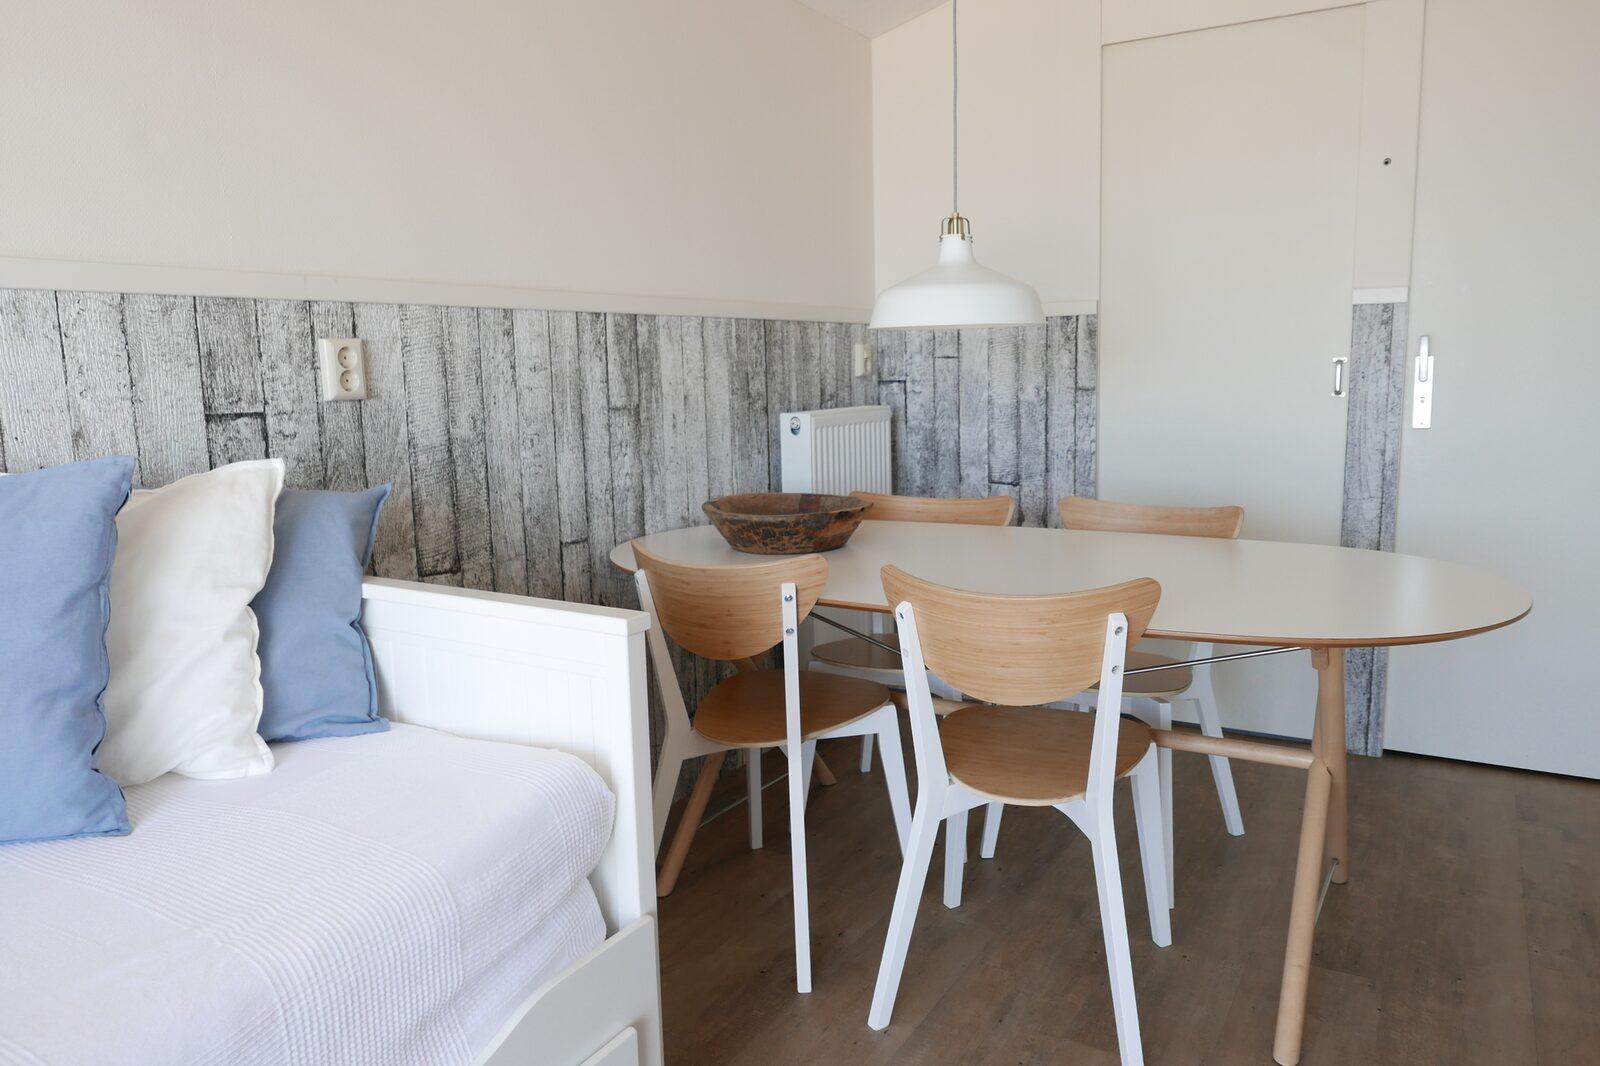 Strandhaus für 6 Personen, direkt am Meer